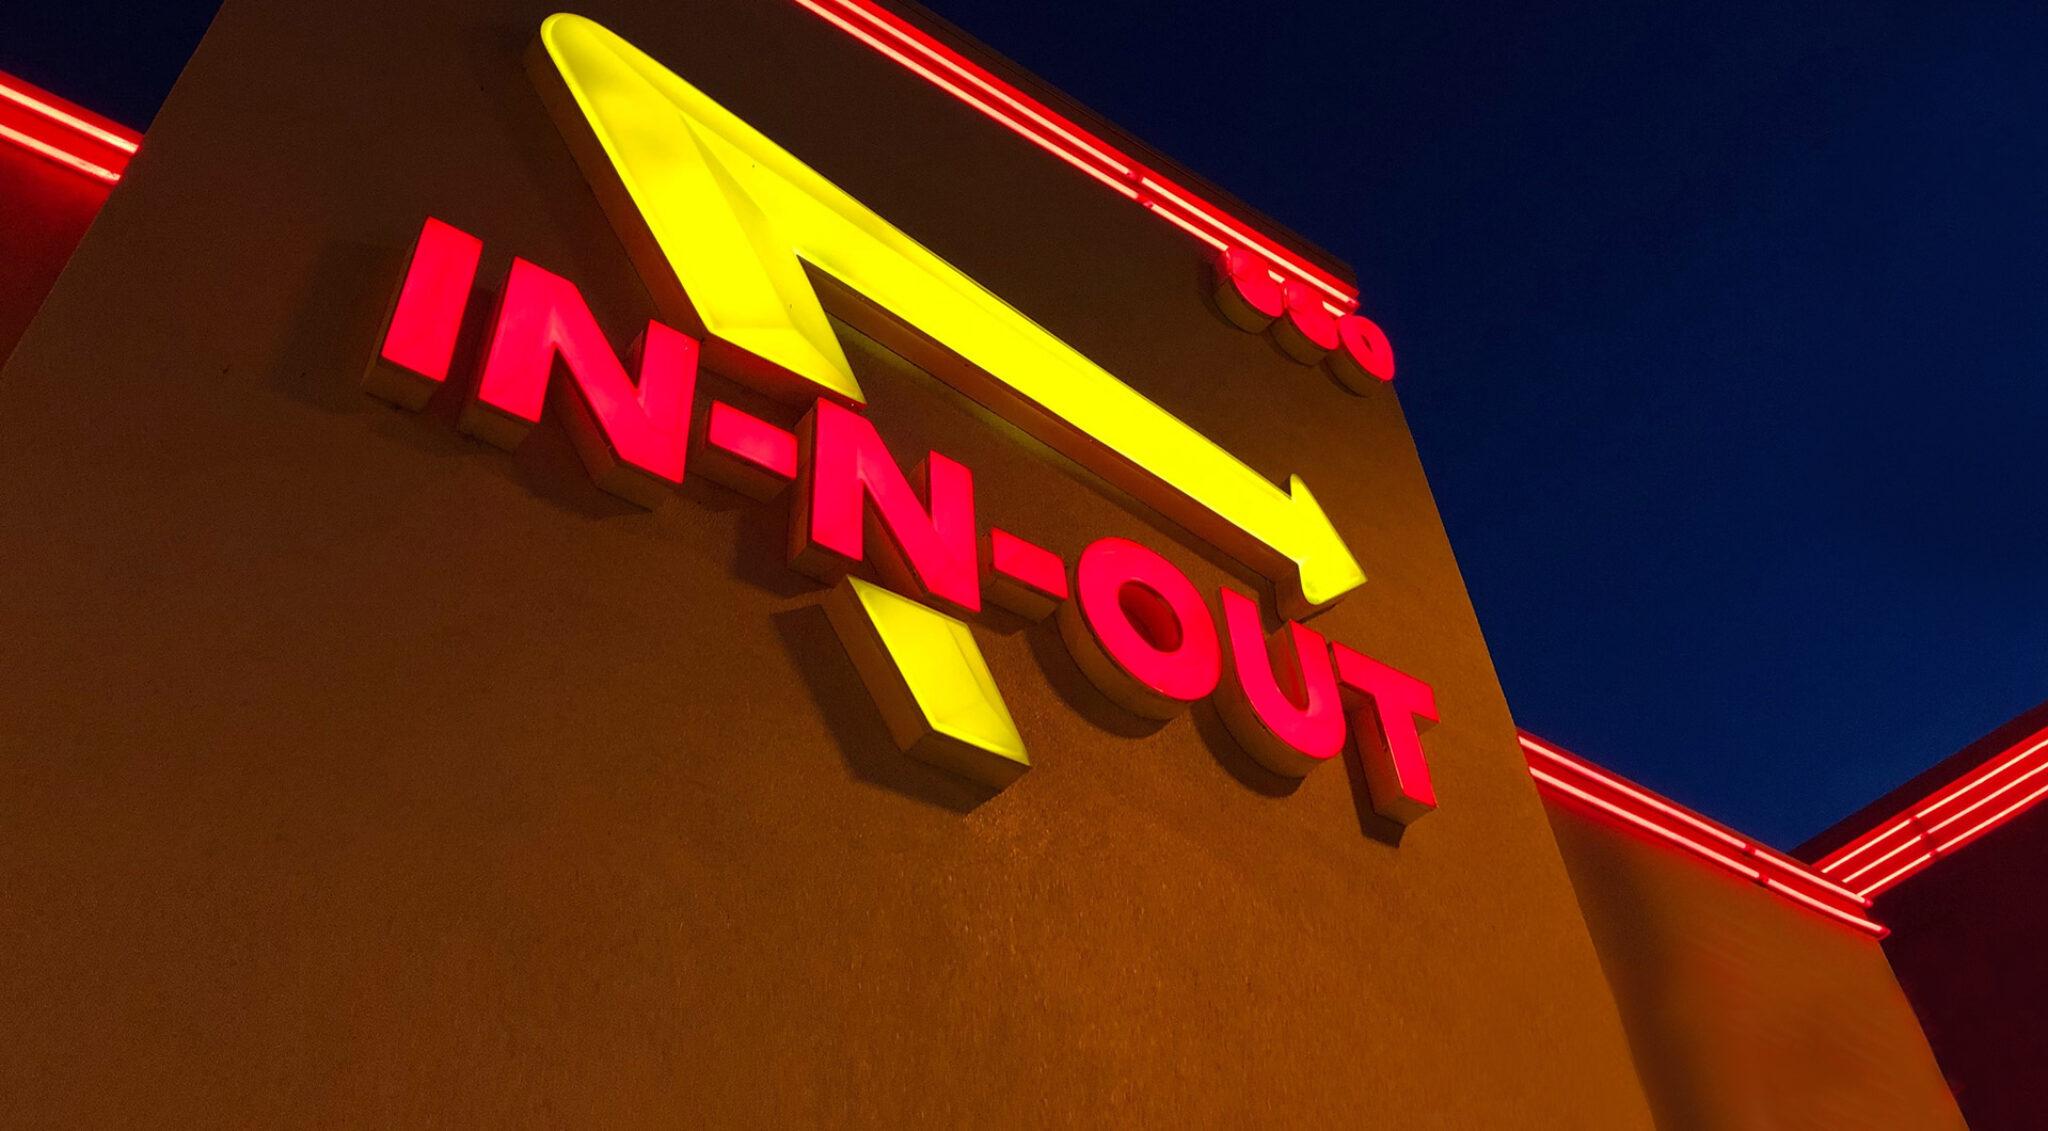 """Neonreklame mit der Aufschrift """"In-n-out""""."""